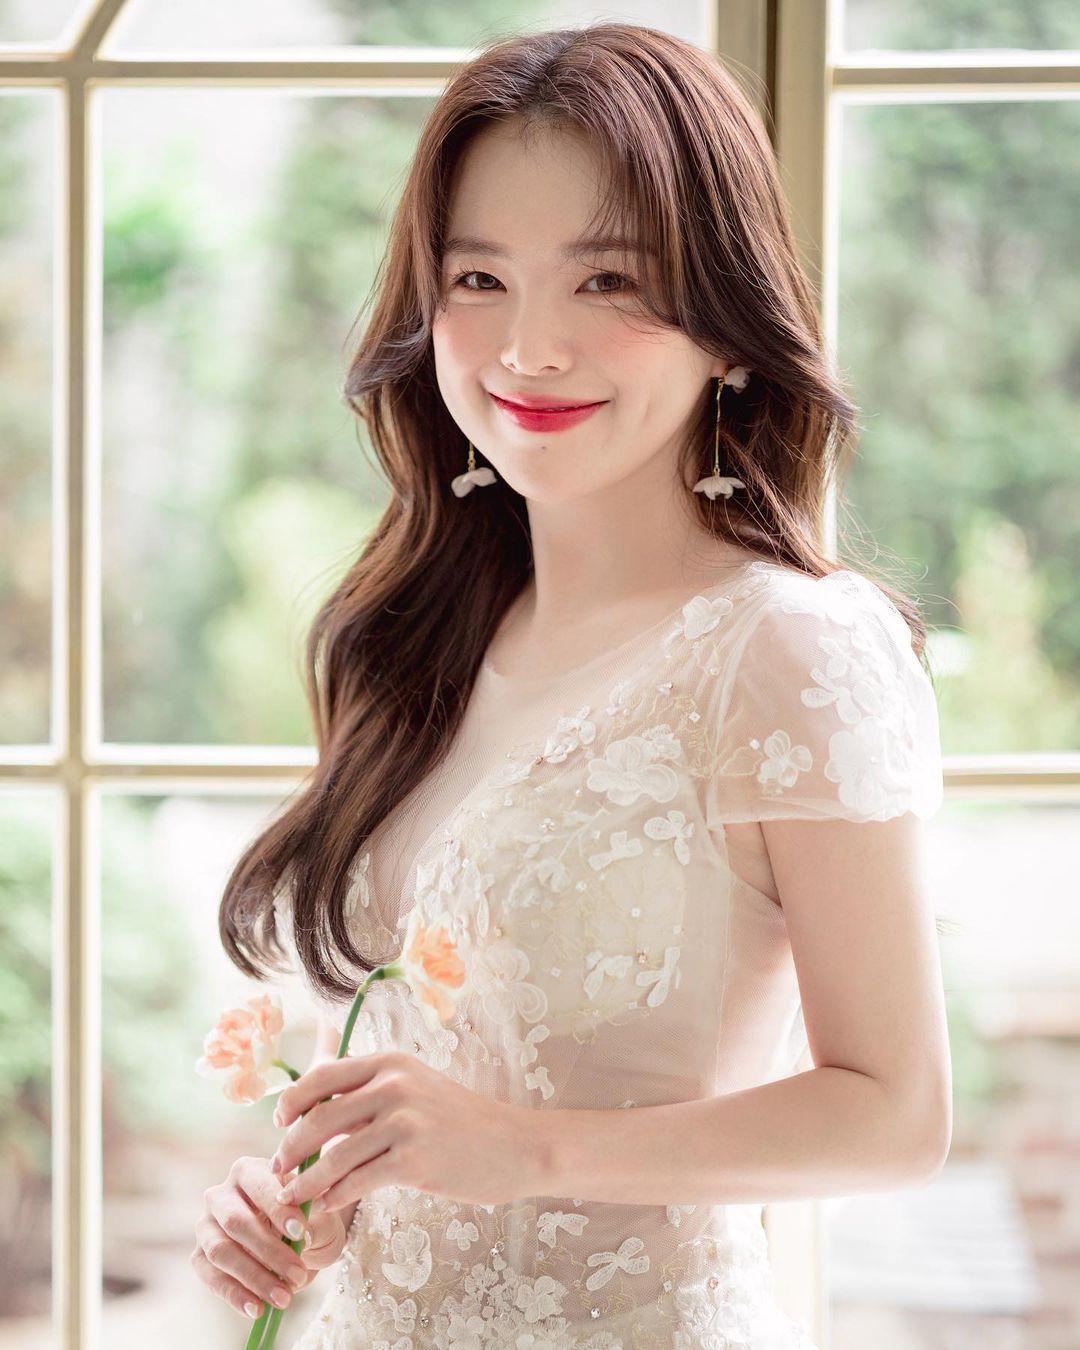 """""""Thiên thần nội y chân ngắn Hàn Quốc"""" xinh như mộng nhưng lộ """"phụ tùng"""" khi mặc váy cưới - hình ảnh 1"""